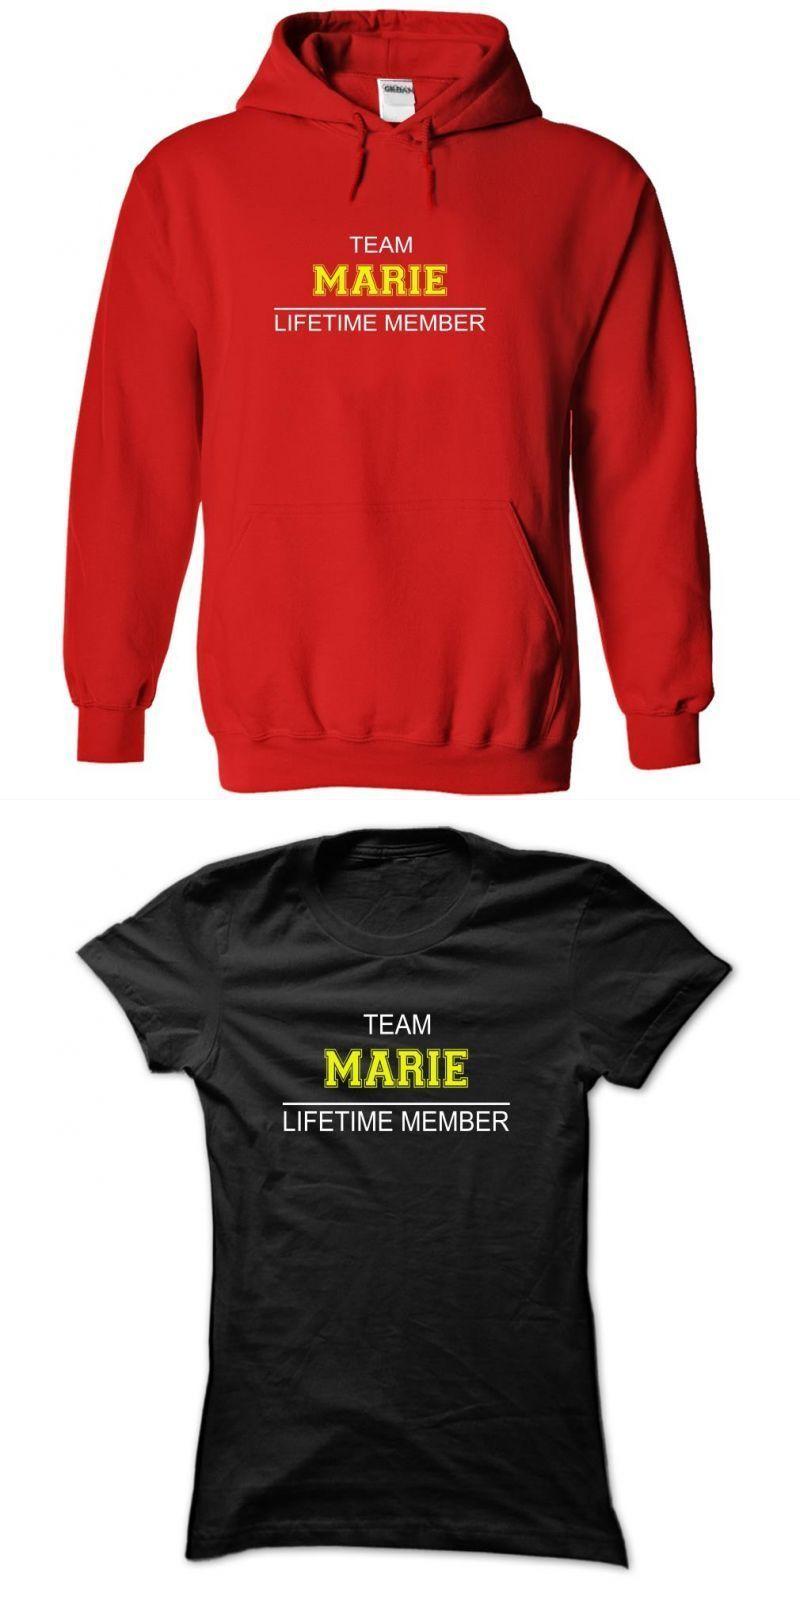 t Team eva T Shirt marie Jeanne Member Lifetime Marie Cw8qZxp